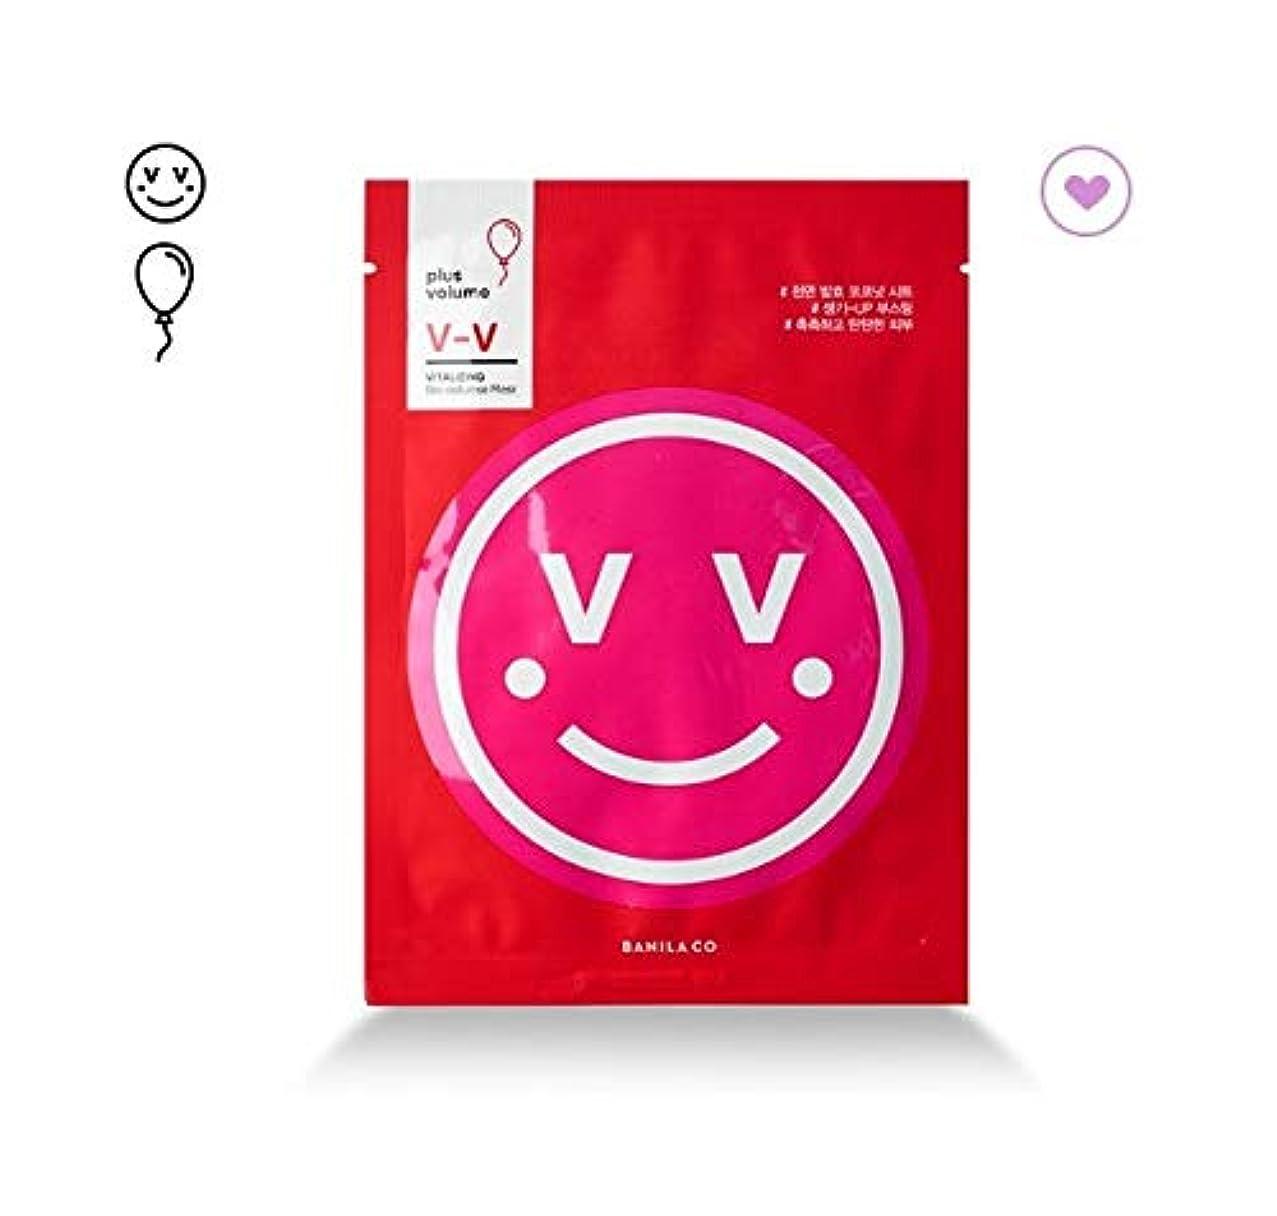 司書造船麦芽banilaco V-V Vitalizing Bioセルロースマスク/V-V Vitalizing Bio Cellulose Mask 25ml [並行輸入品]